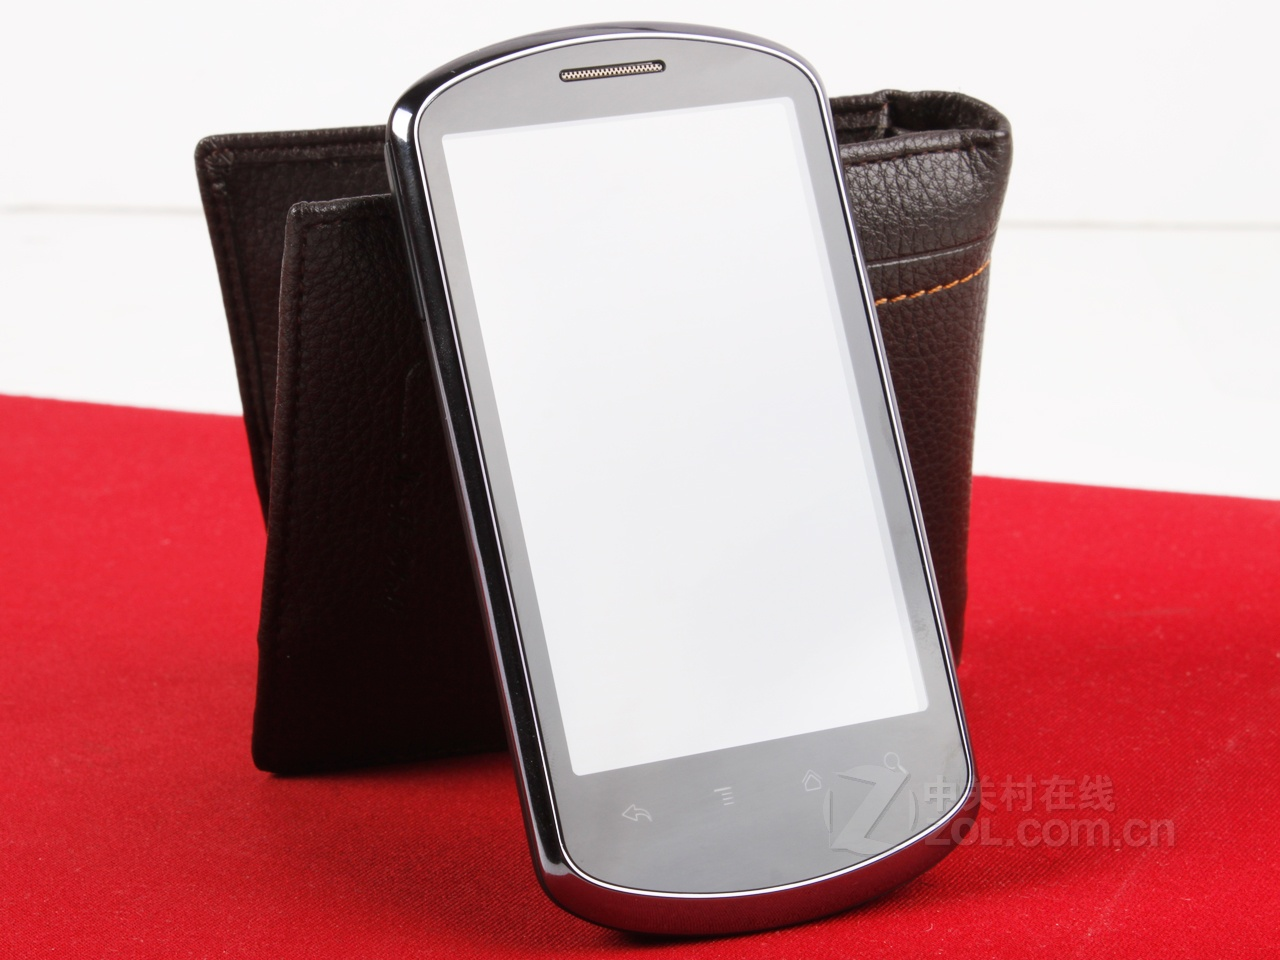 国产安卓价格小降 华为u8800低价促销